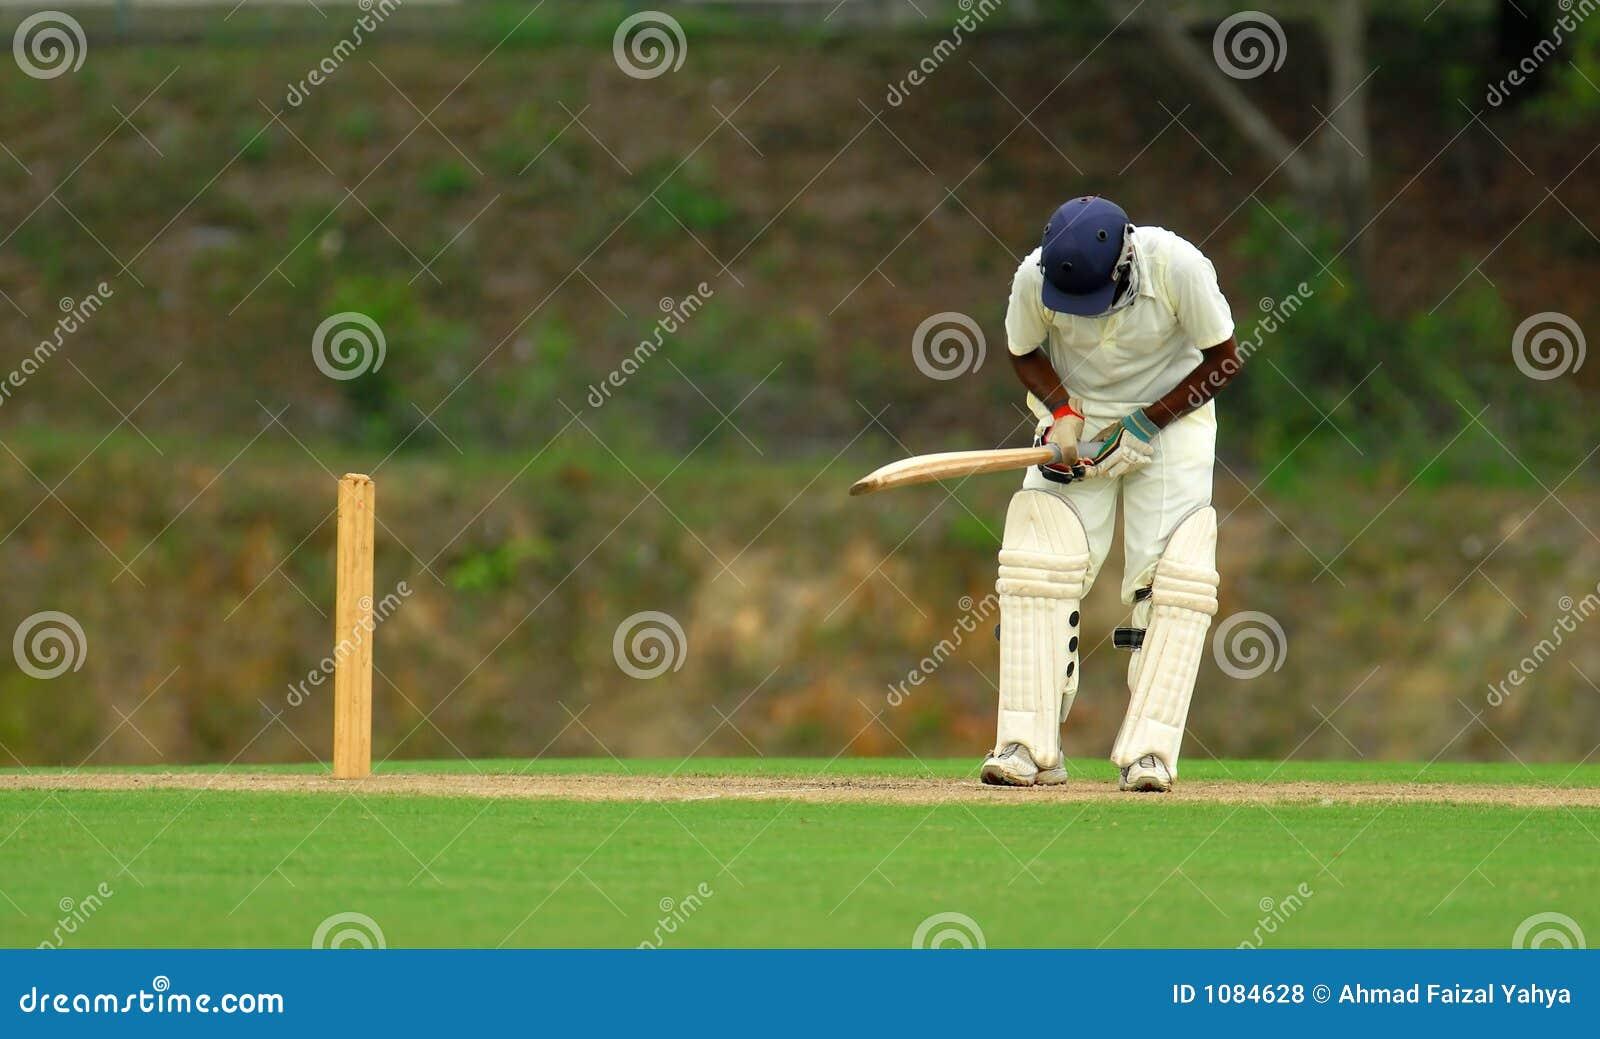 игрок с битой, отбивающий мяч